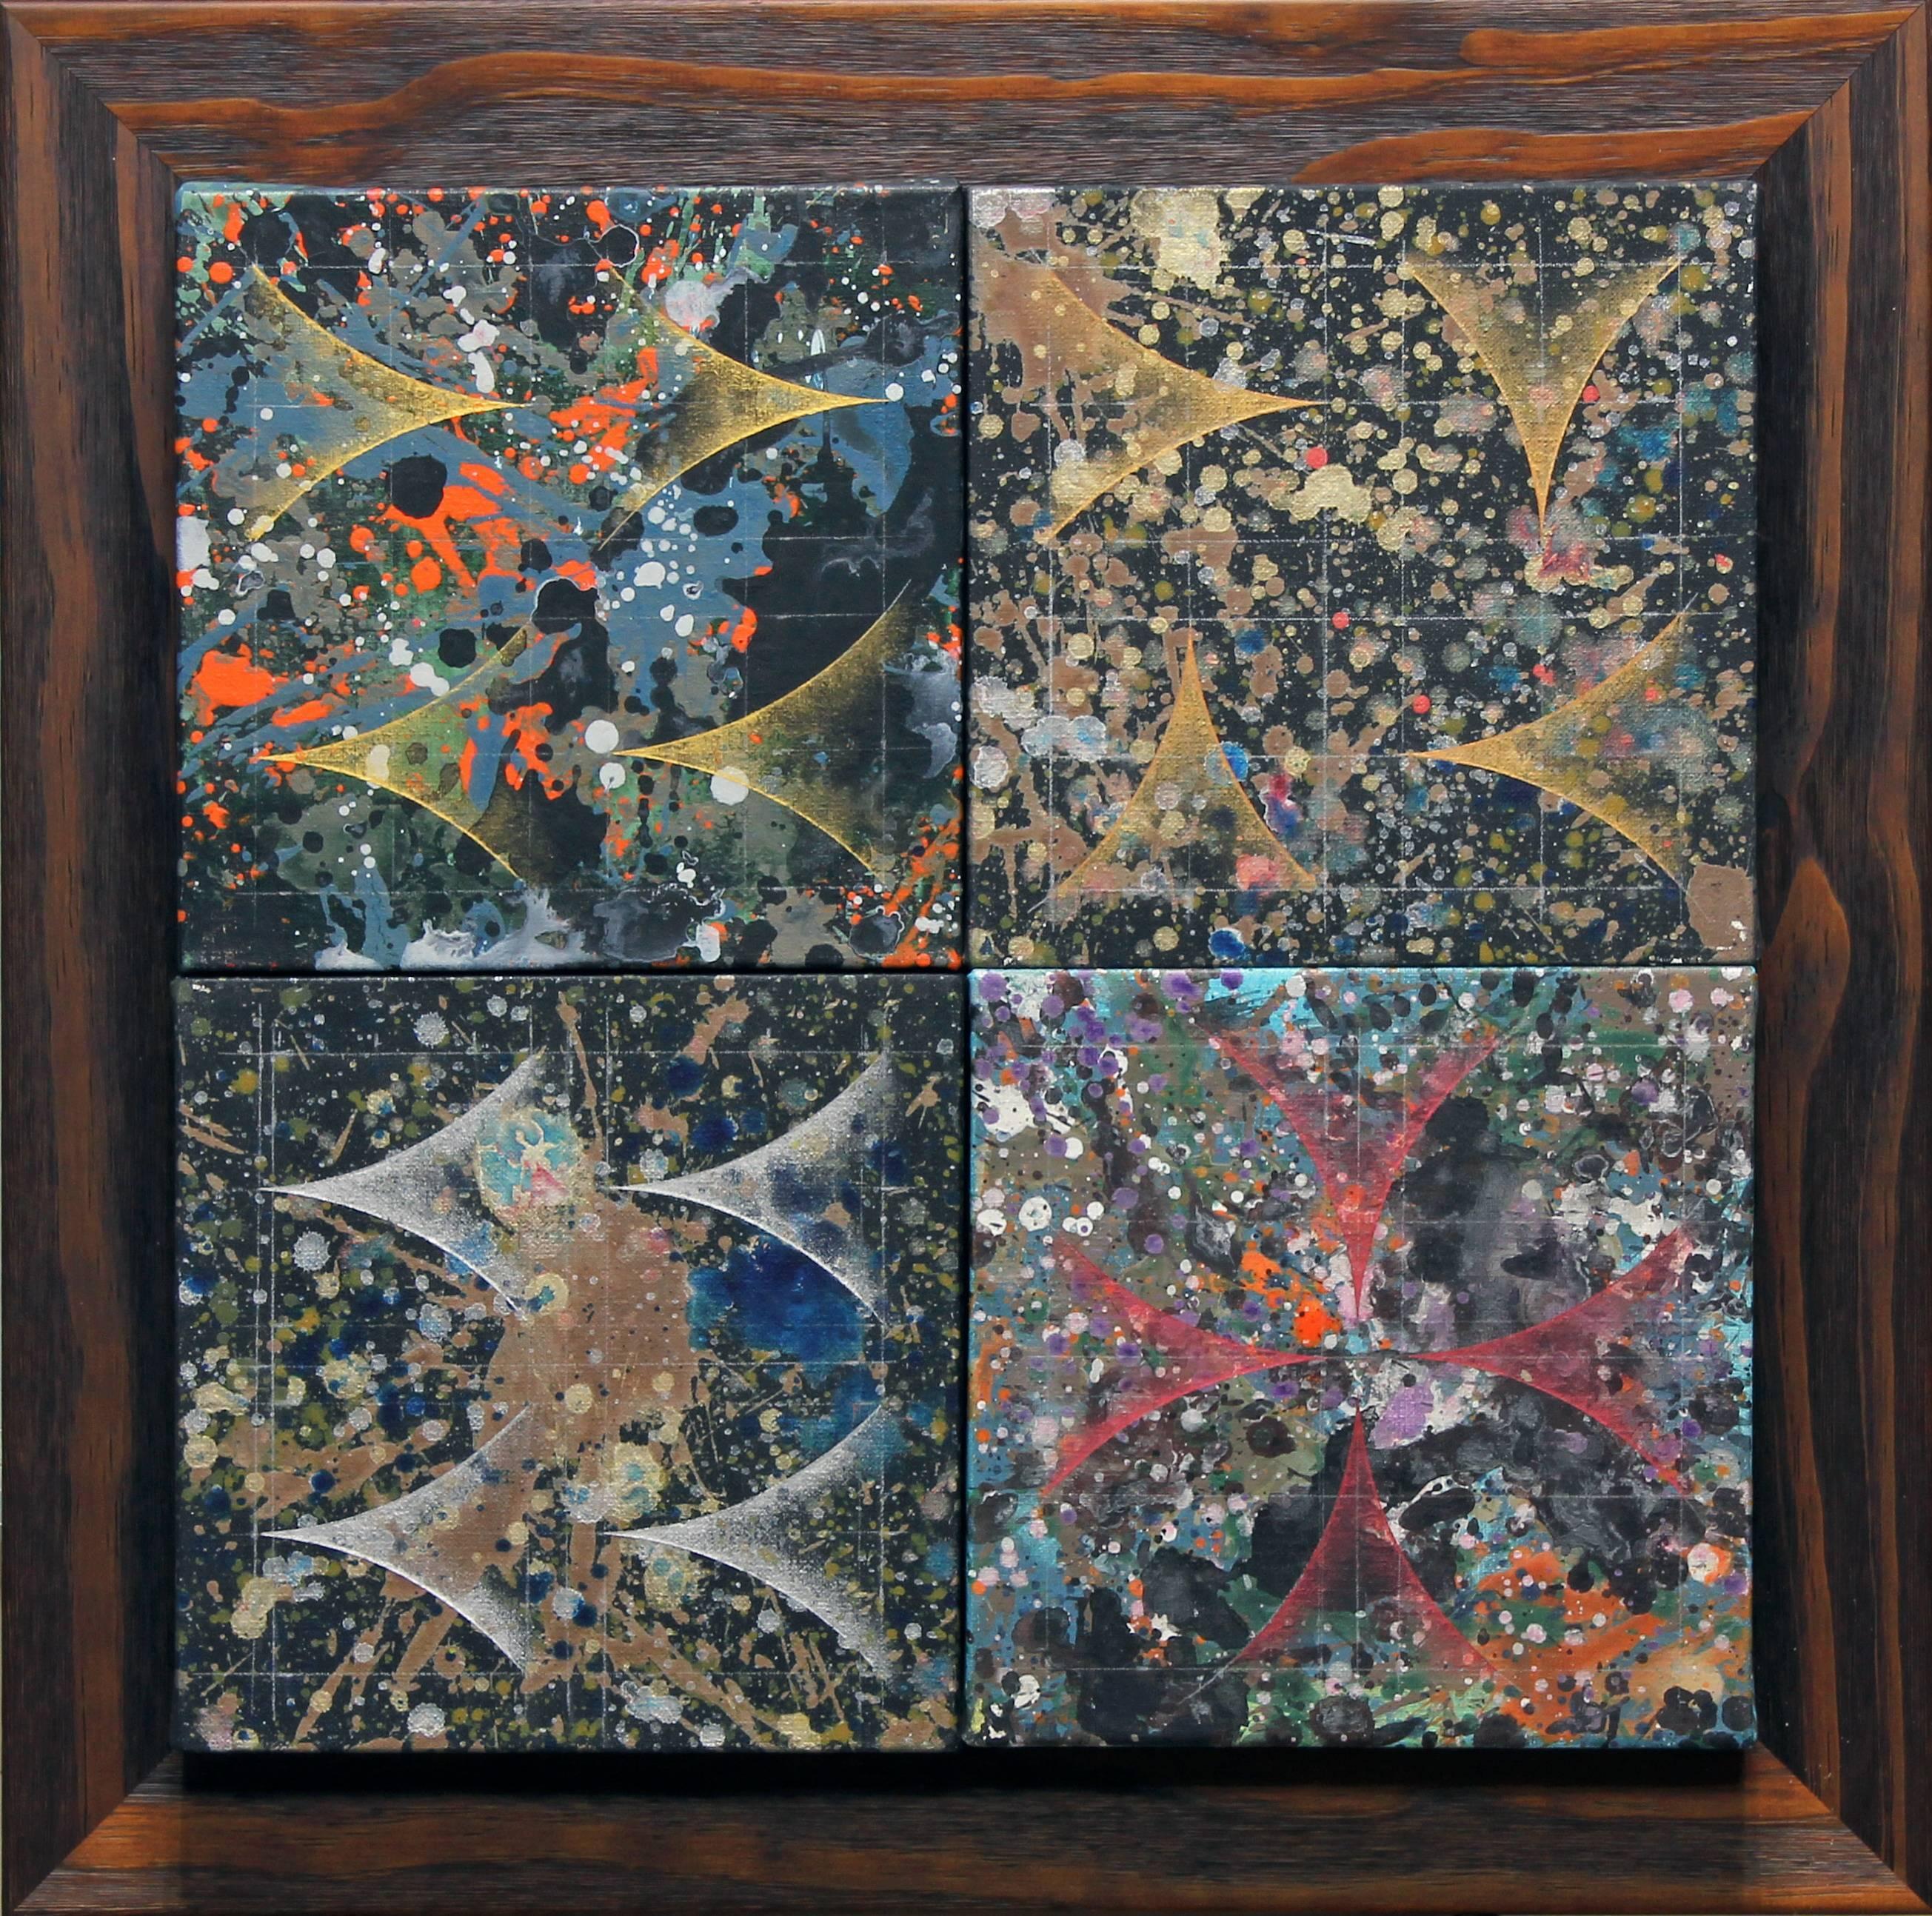 楊仁明|構成|2010|壓克力、油彩|40x40cm